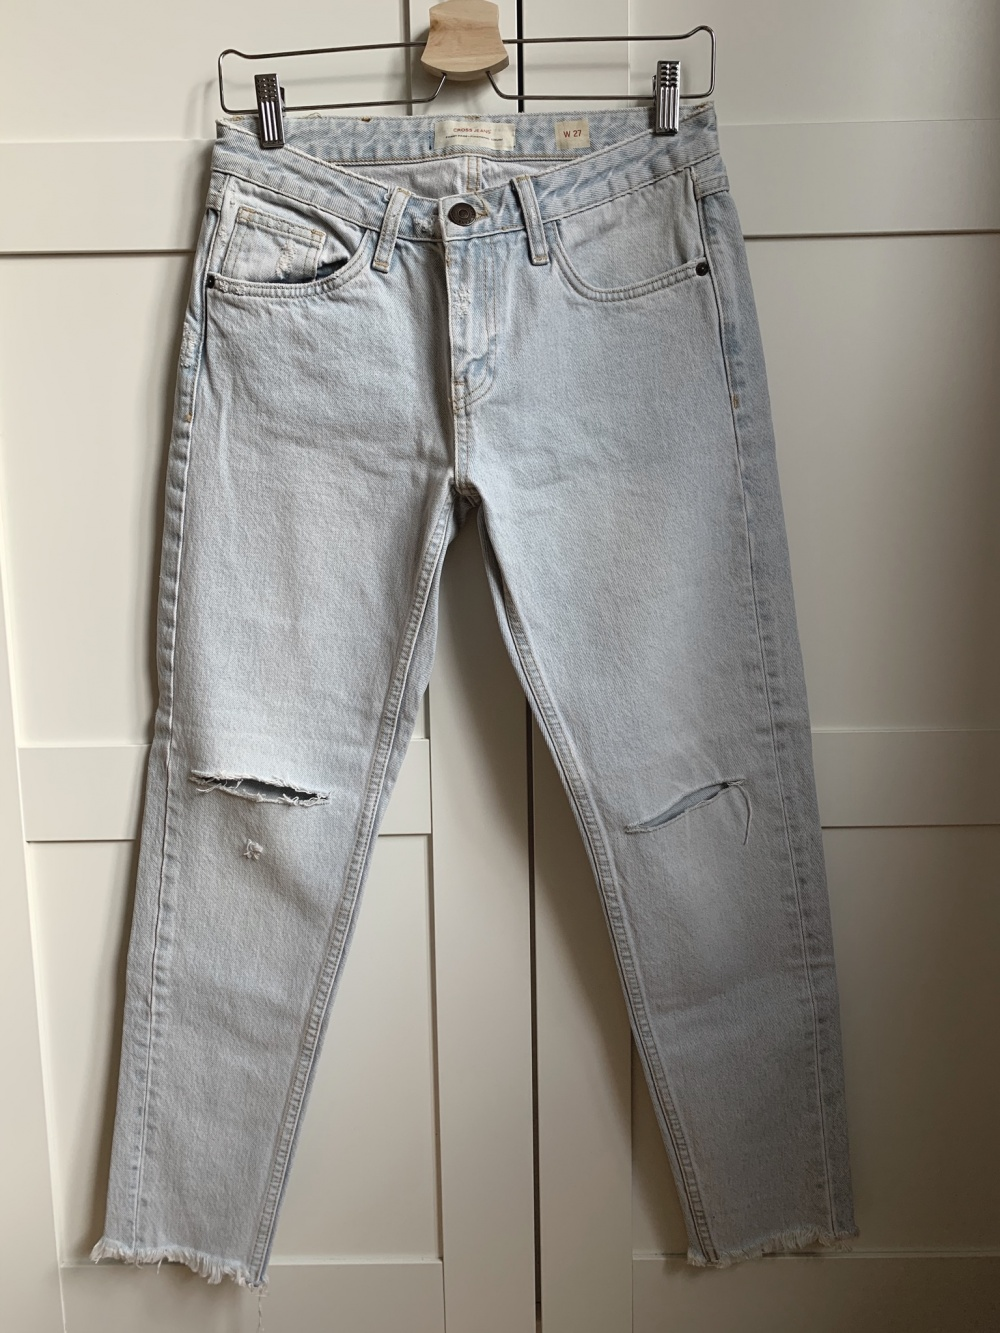 Джинсы Cross Jeans, размер 27